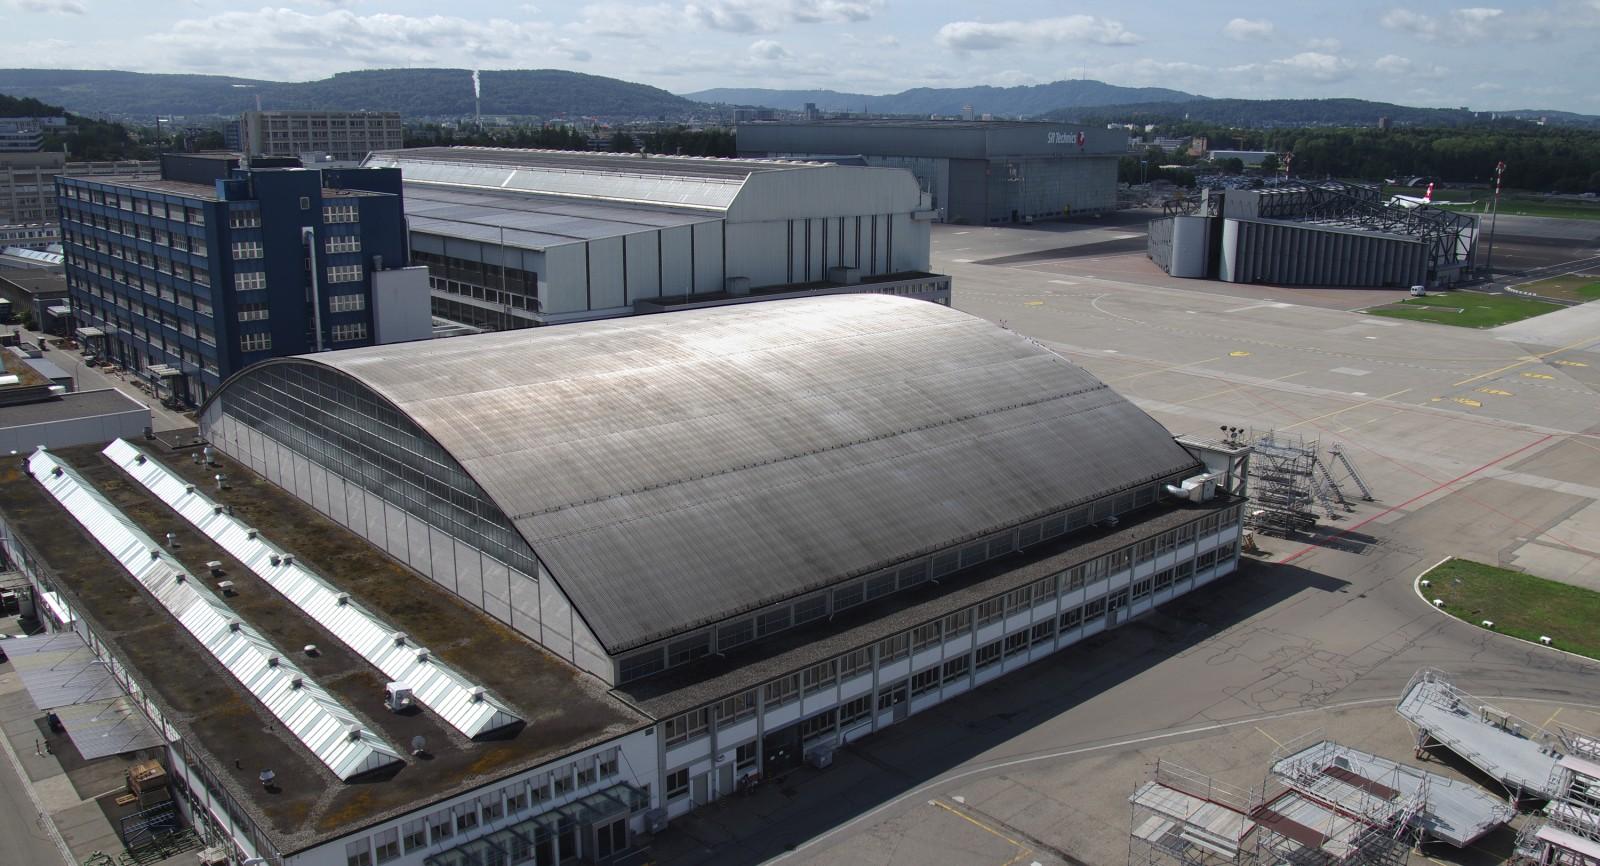 Mit der Erneuerung der Terminals und energetischen Massnahmen bei weiteren Gebäuden konnte die Effizienz der Wärmeversorgung erhöht werden.